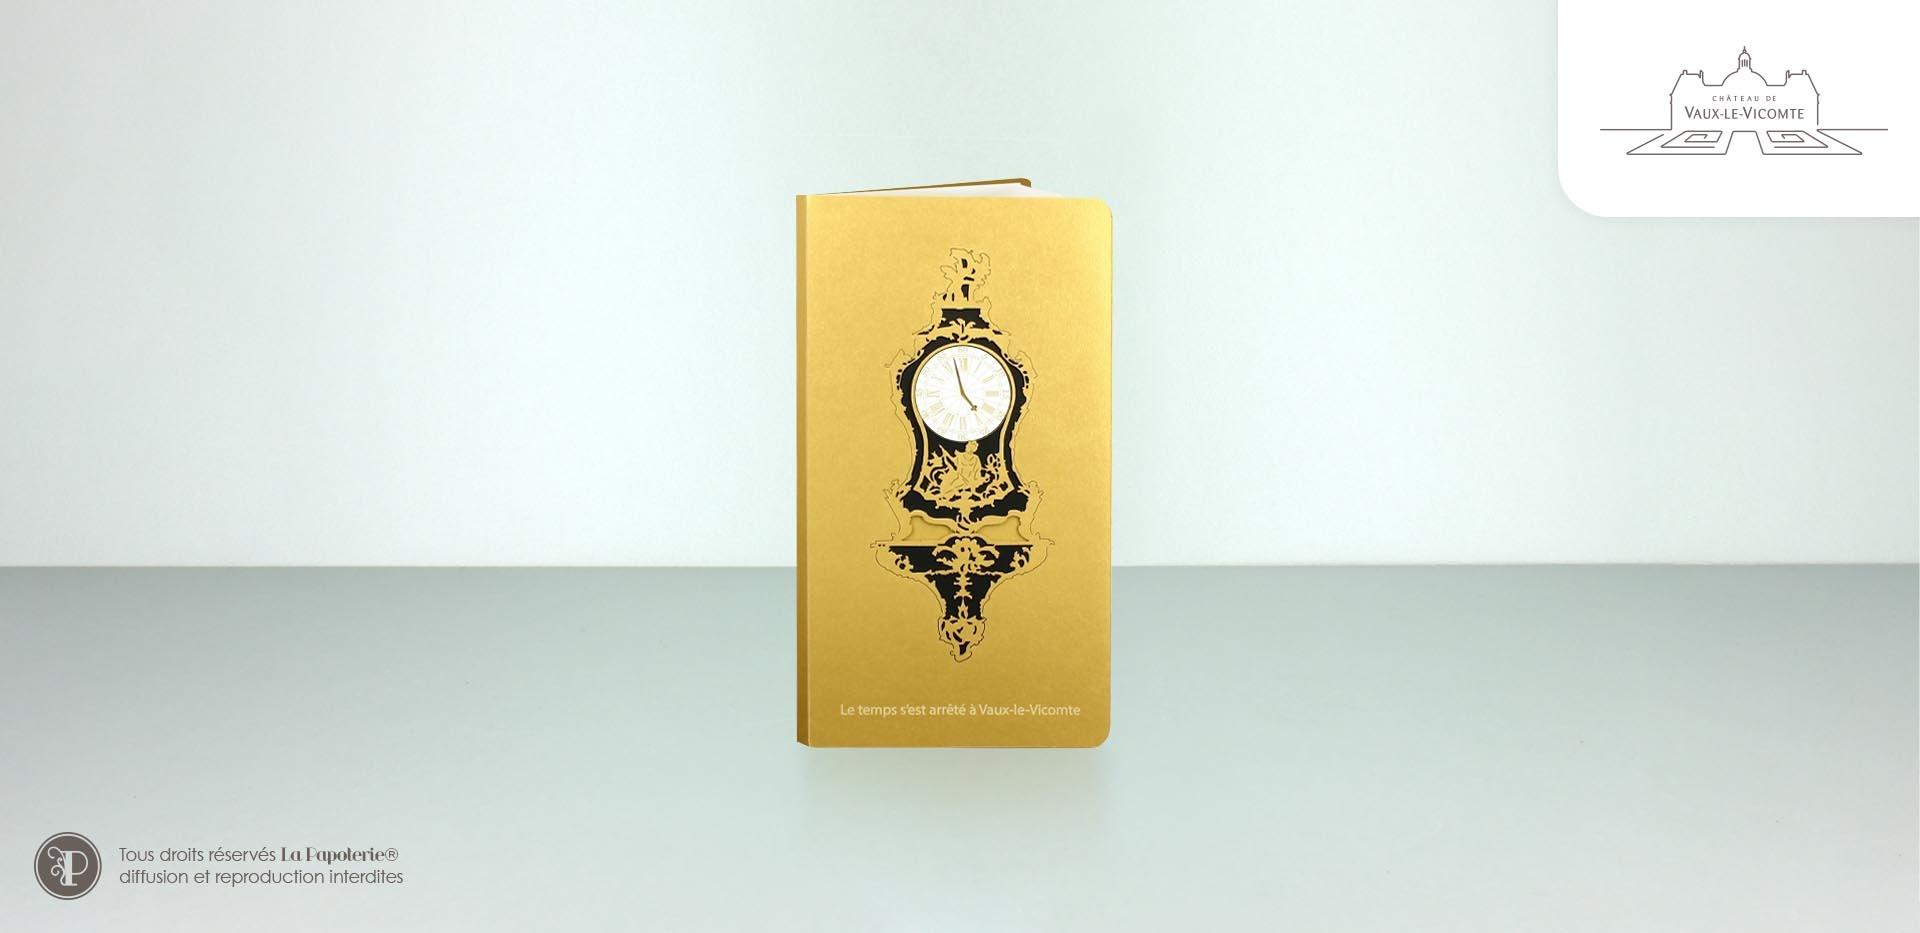 La Papoterie vaux-le-vicomte-poche-or Vaulx le Vicomte pocket notebook